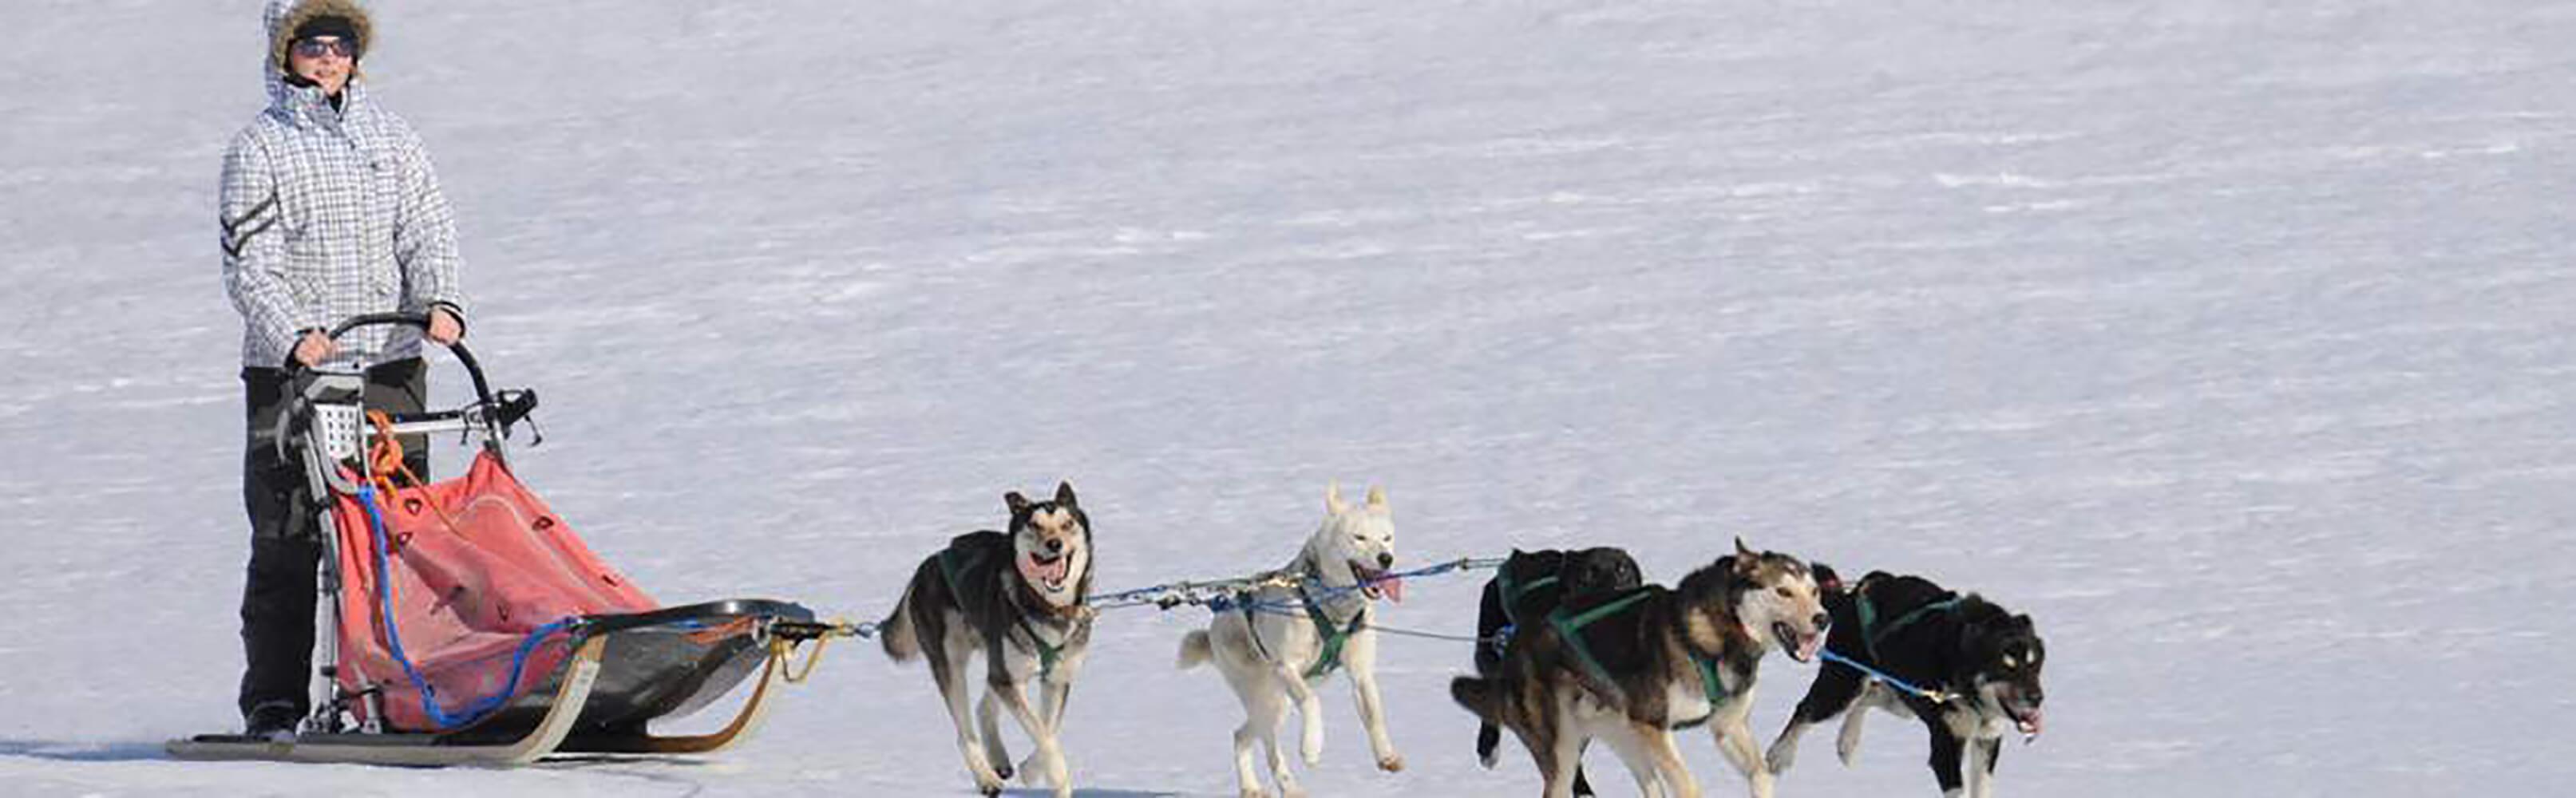 Huskystuff - Schlittenhunde Touren in der Ostschweiz/GR 1